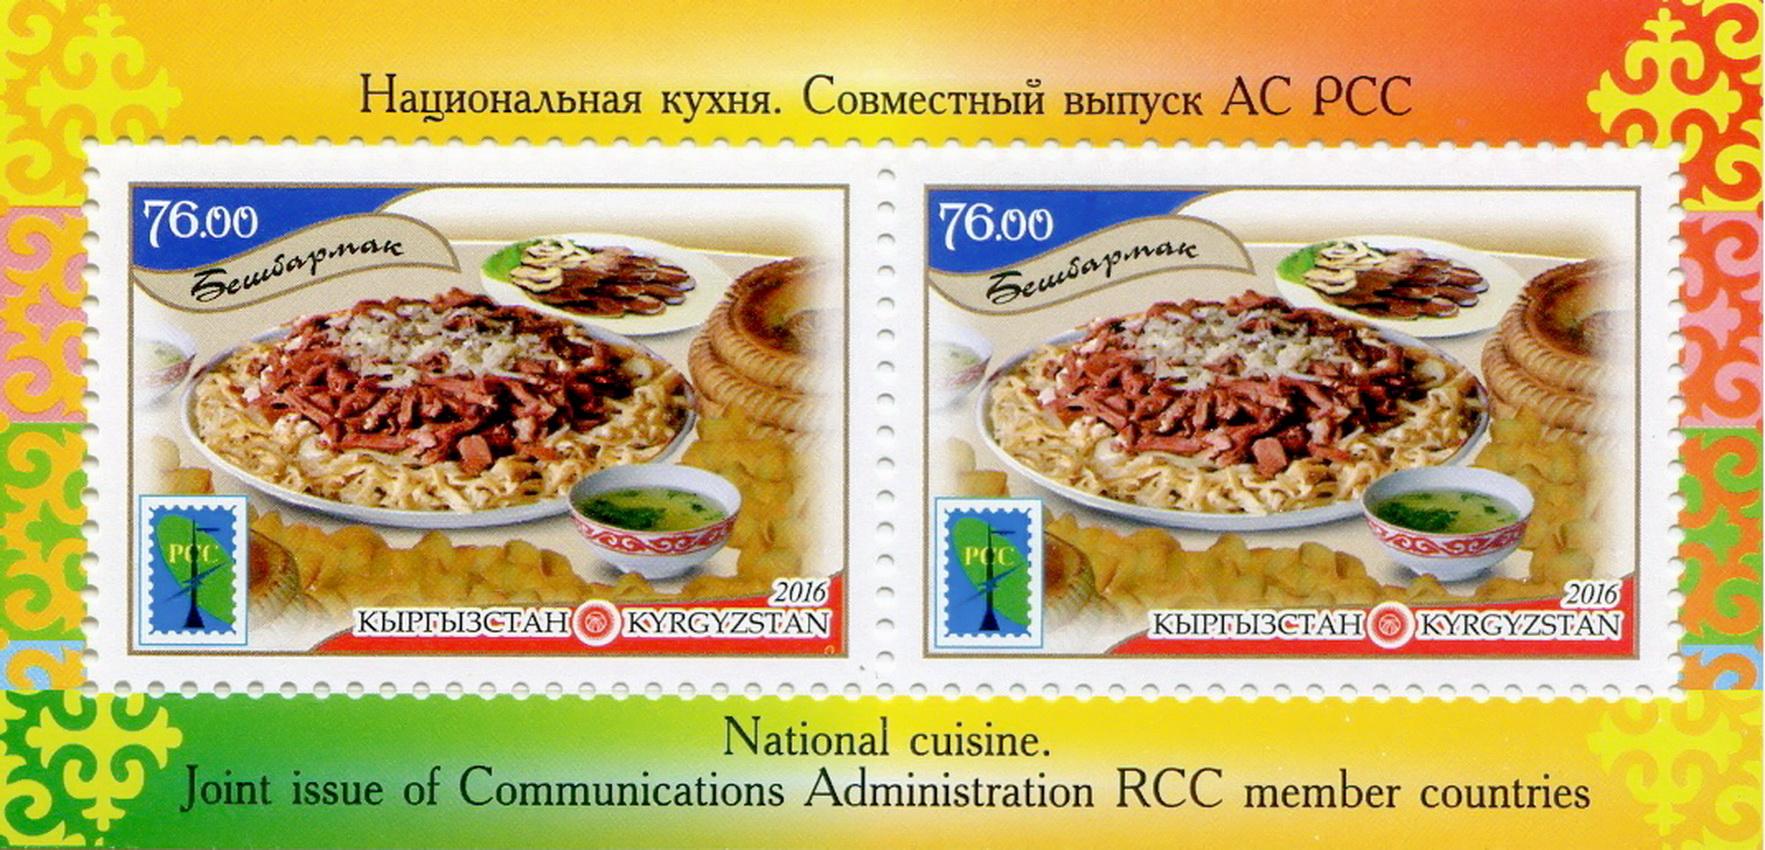 Уникальный филателистический вариант: в Кыргызстане выпущена целая серия марок, посвященных бешбармаку!